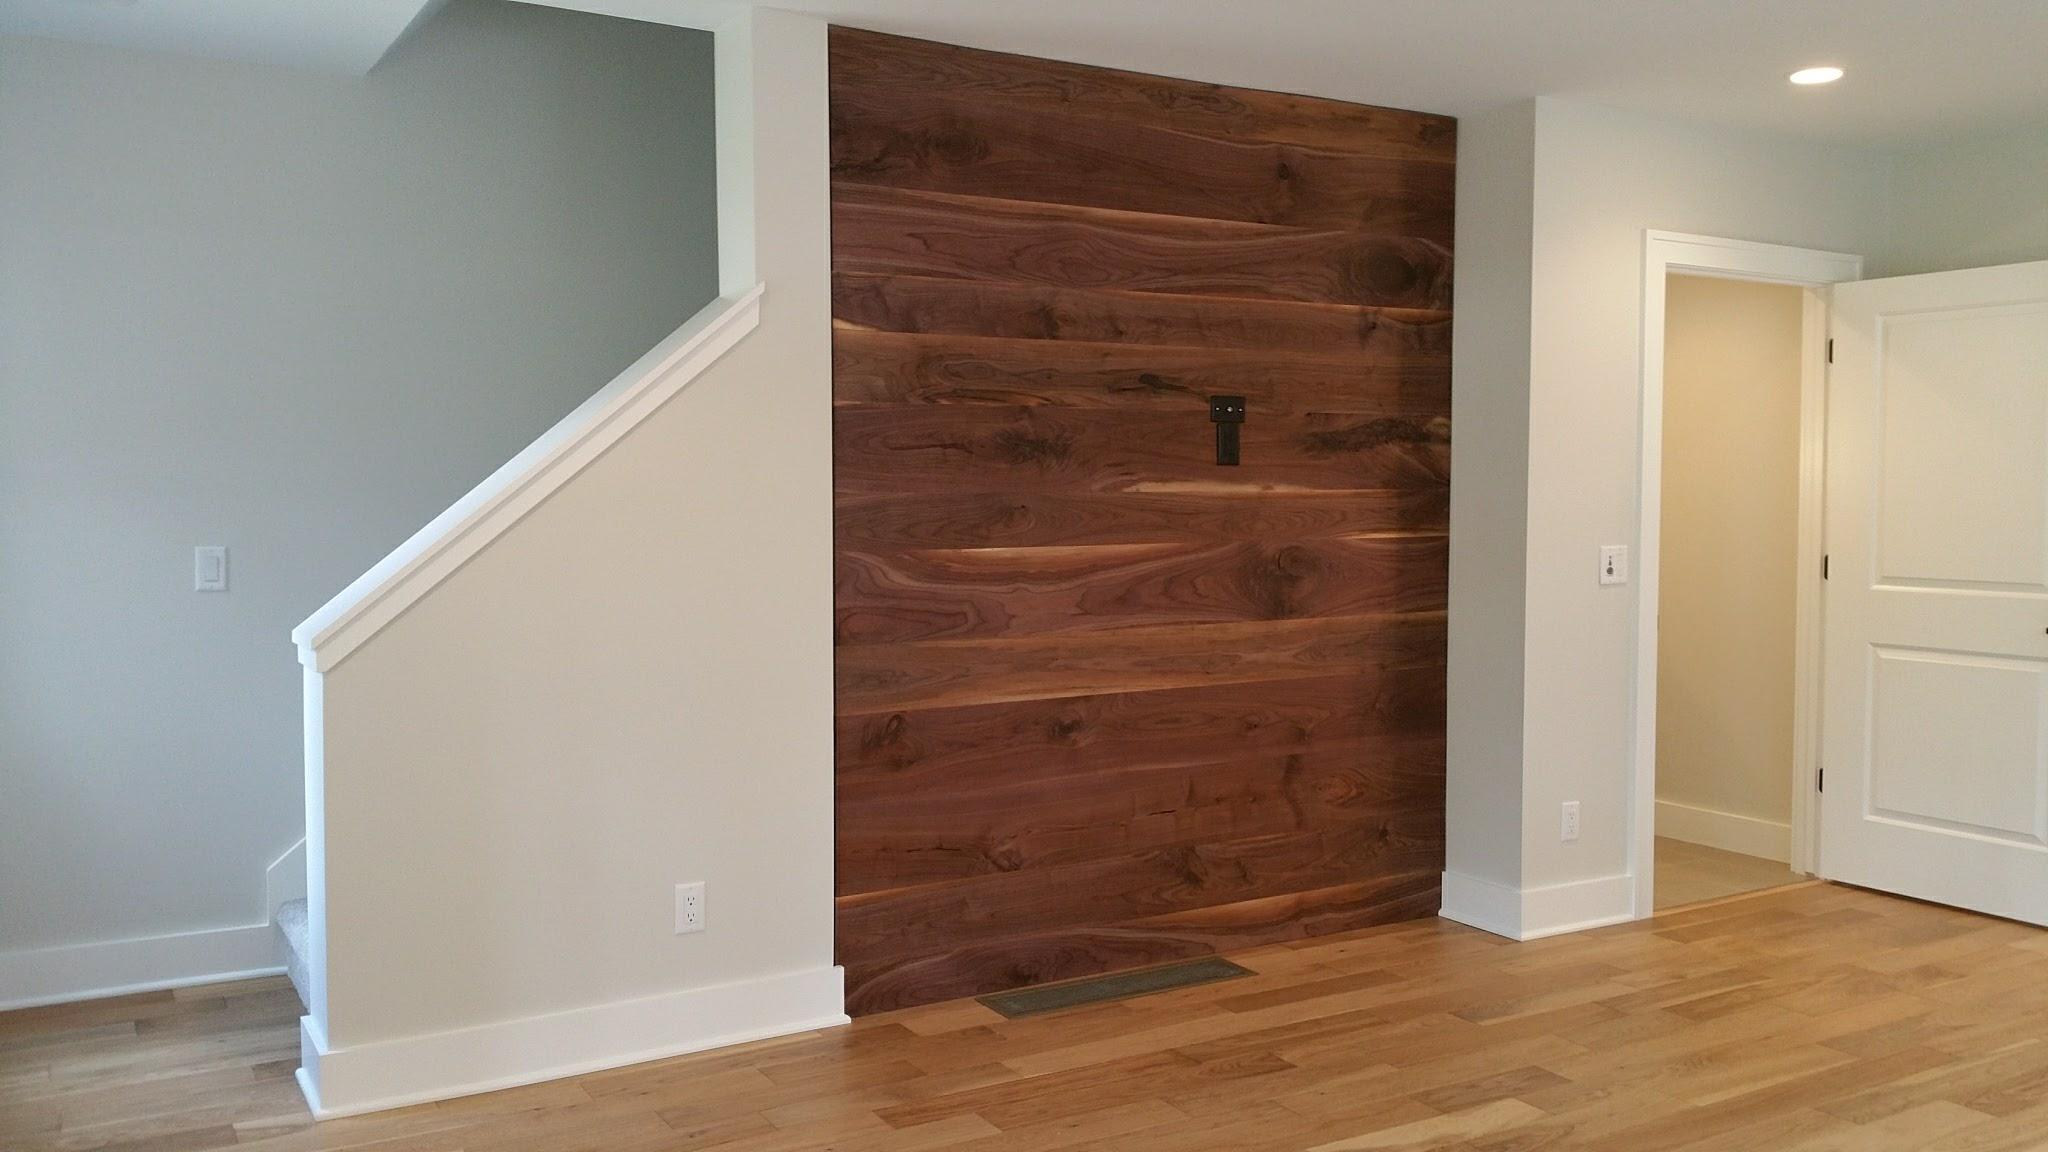 walnut wall6.jpg